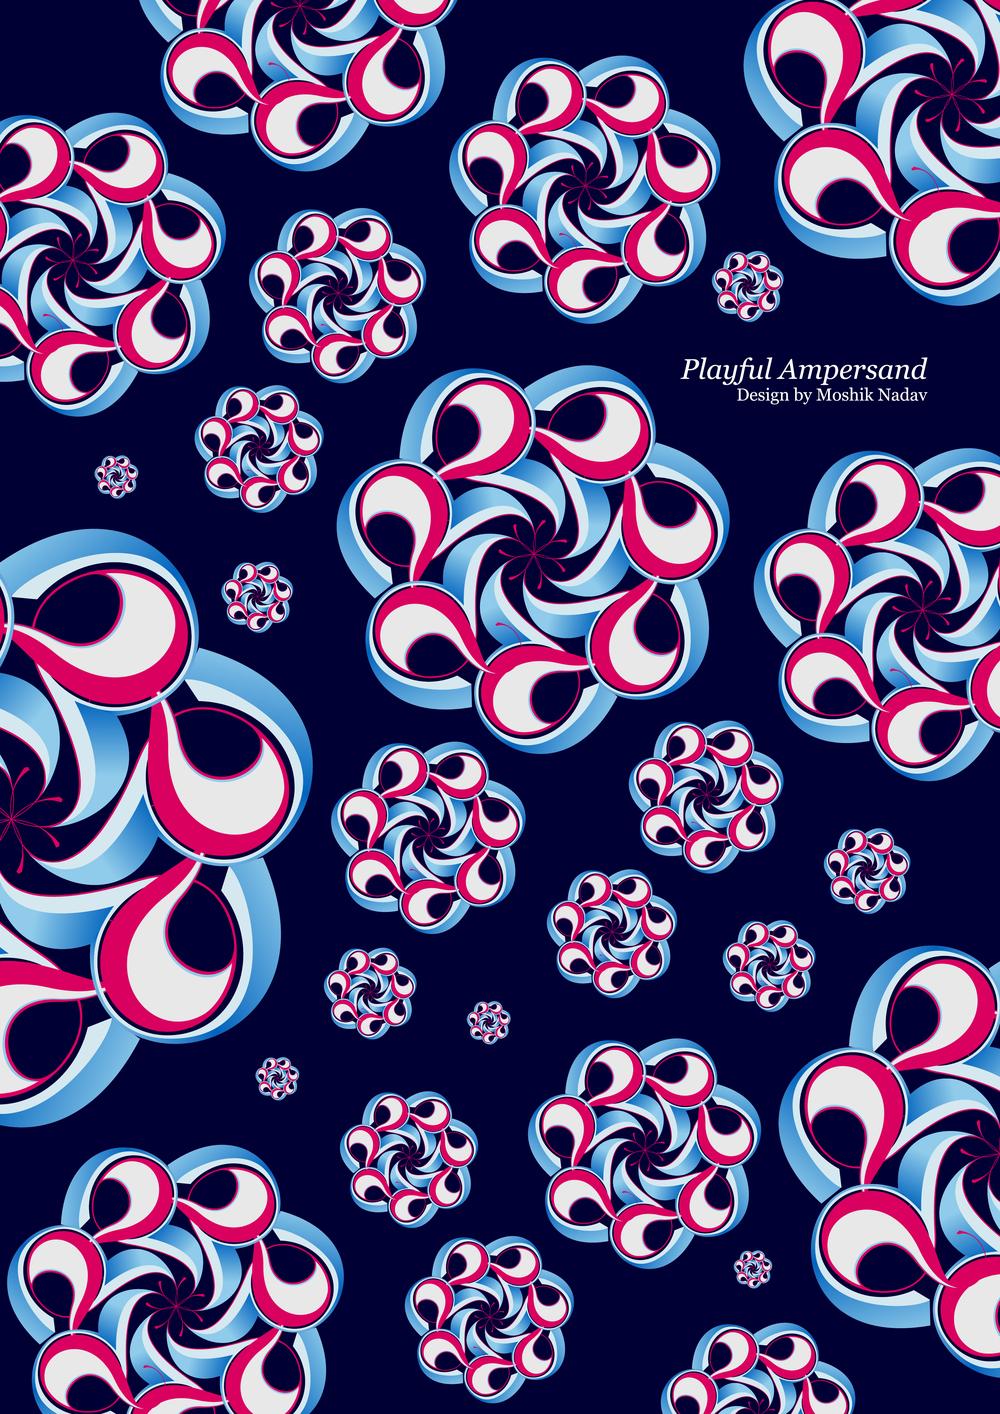 Playful ampersand - Moshik Nadav Typography-02.jpg